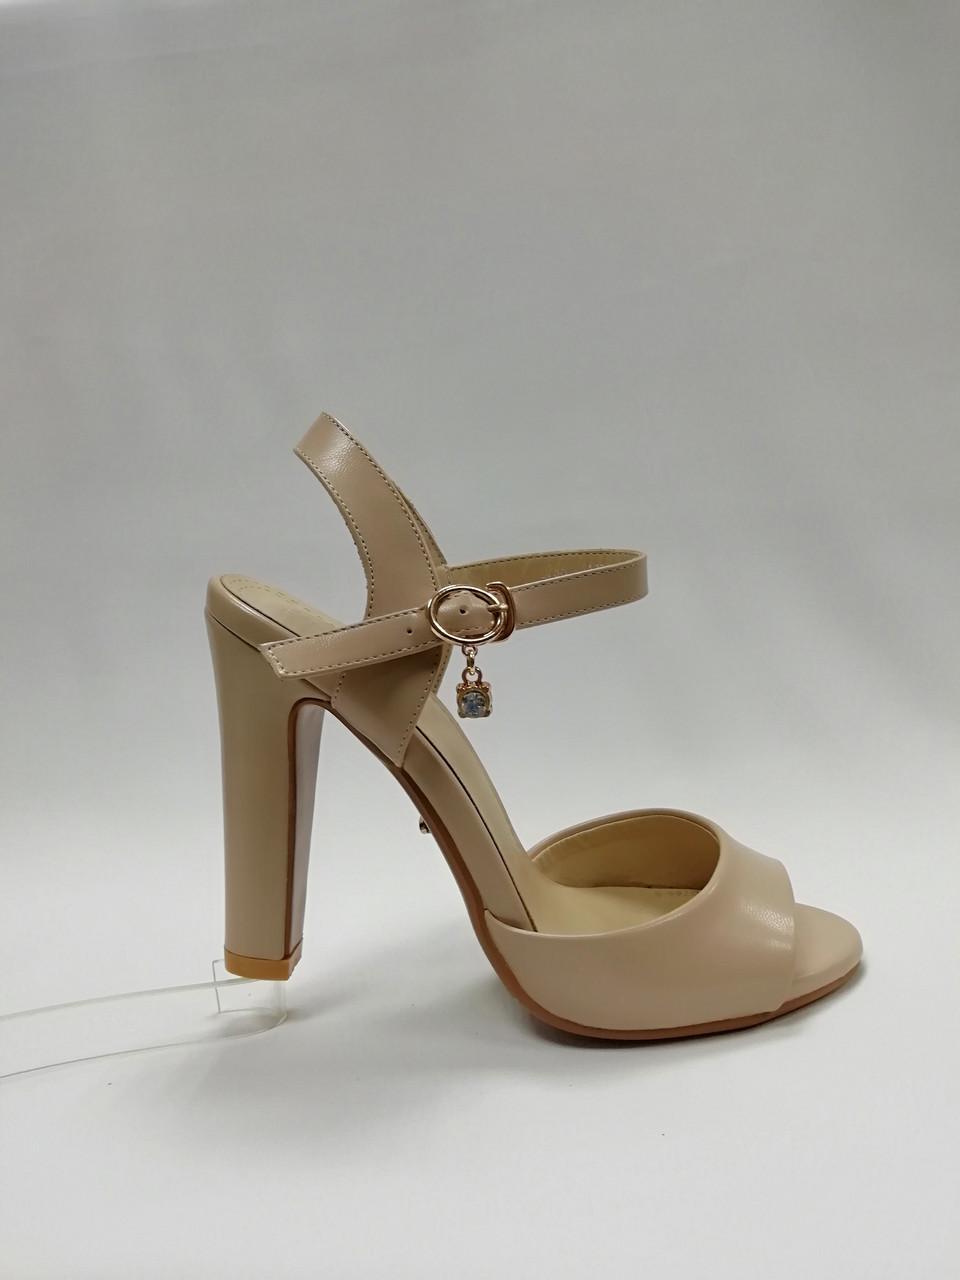 Открытые босоножки на устойчивом каблуке. Маленькие (33 - 37) размеры.